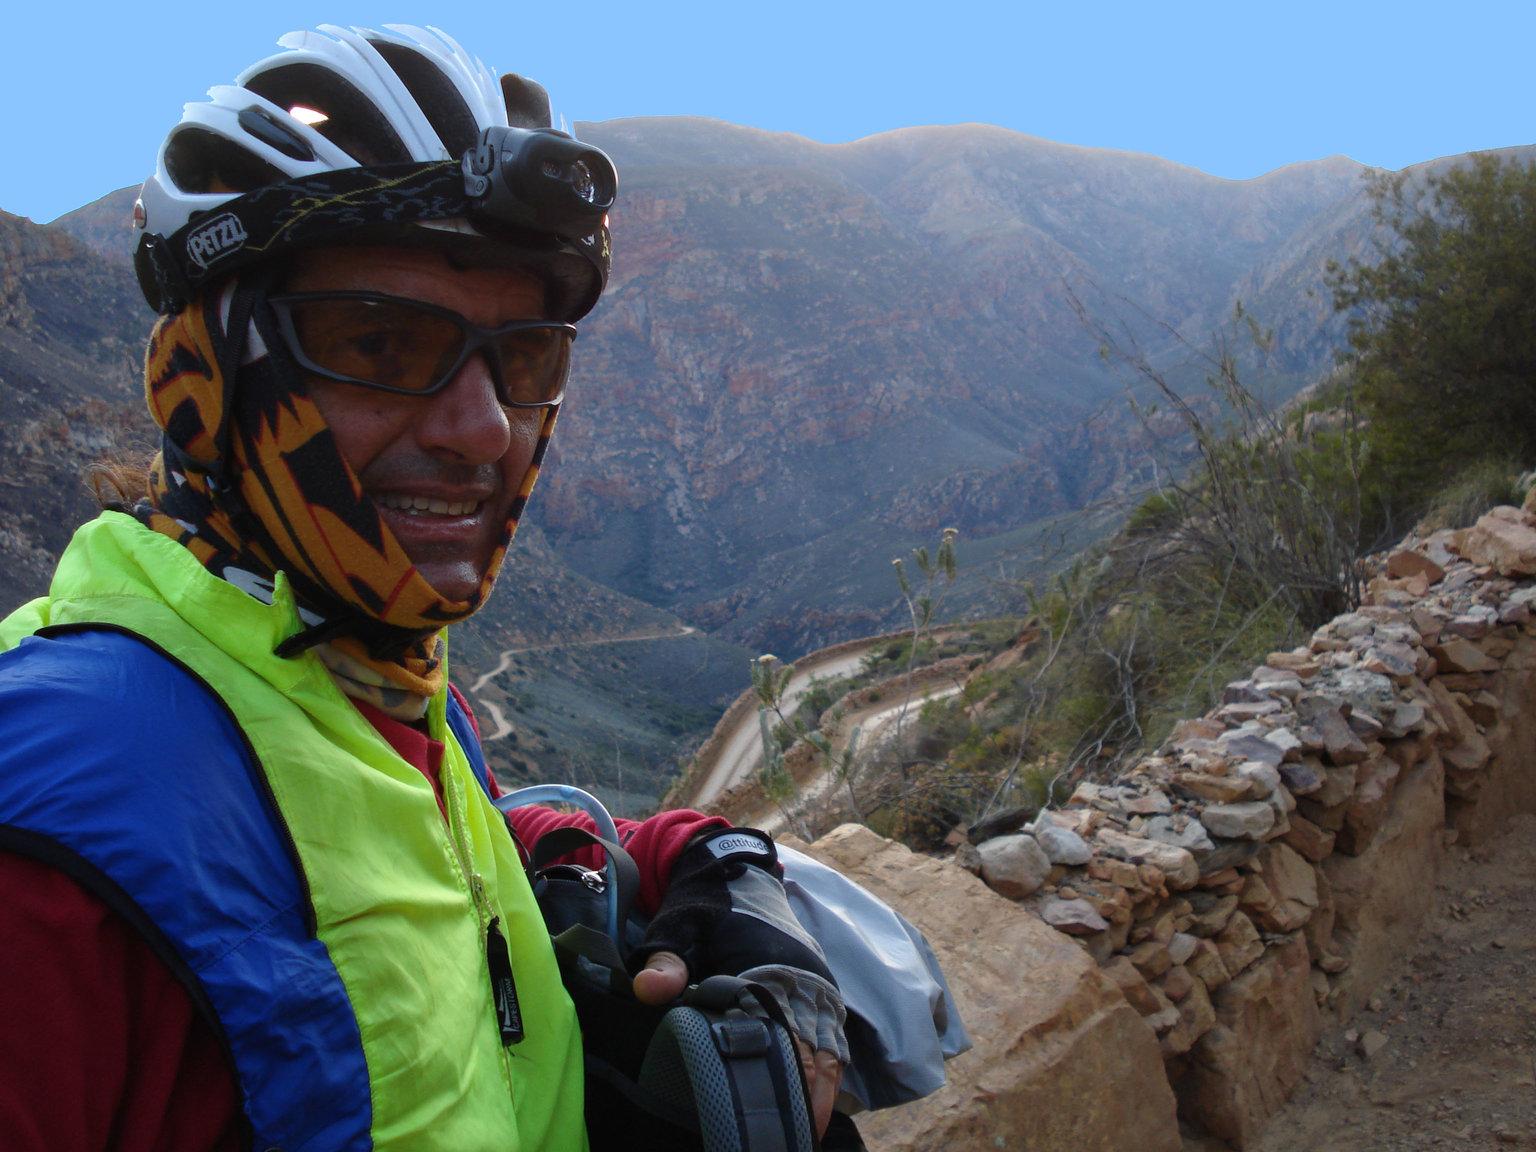 Karoo Mountain Bike Tour